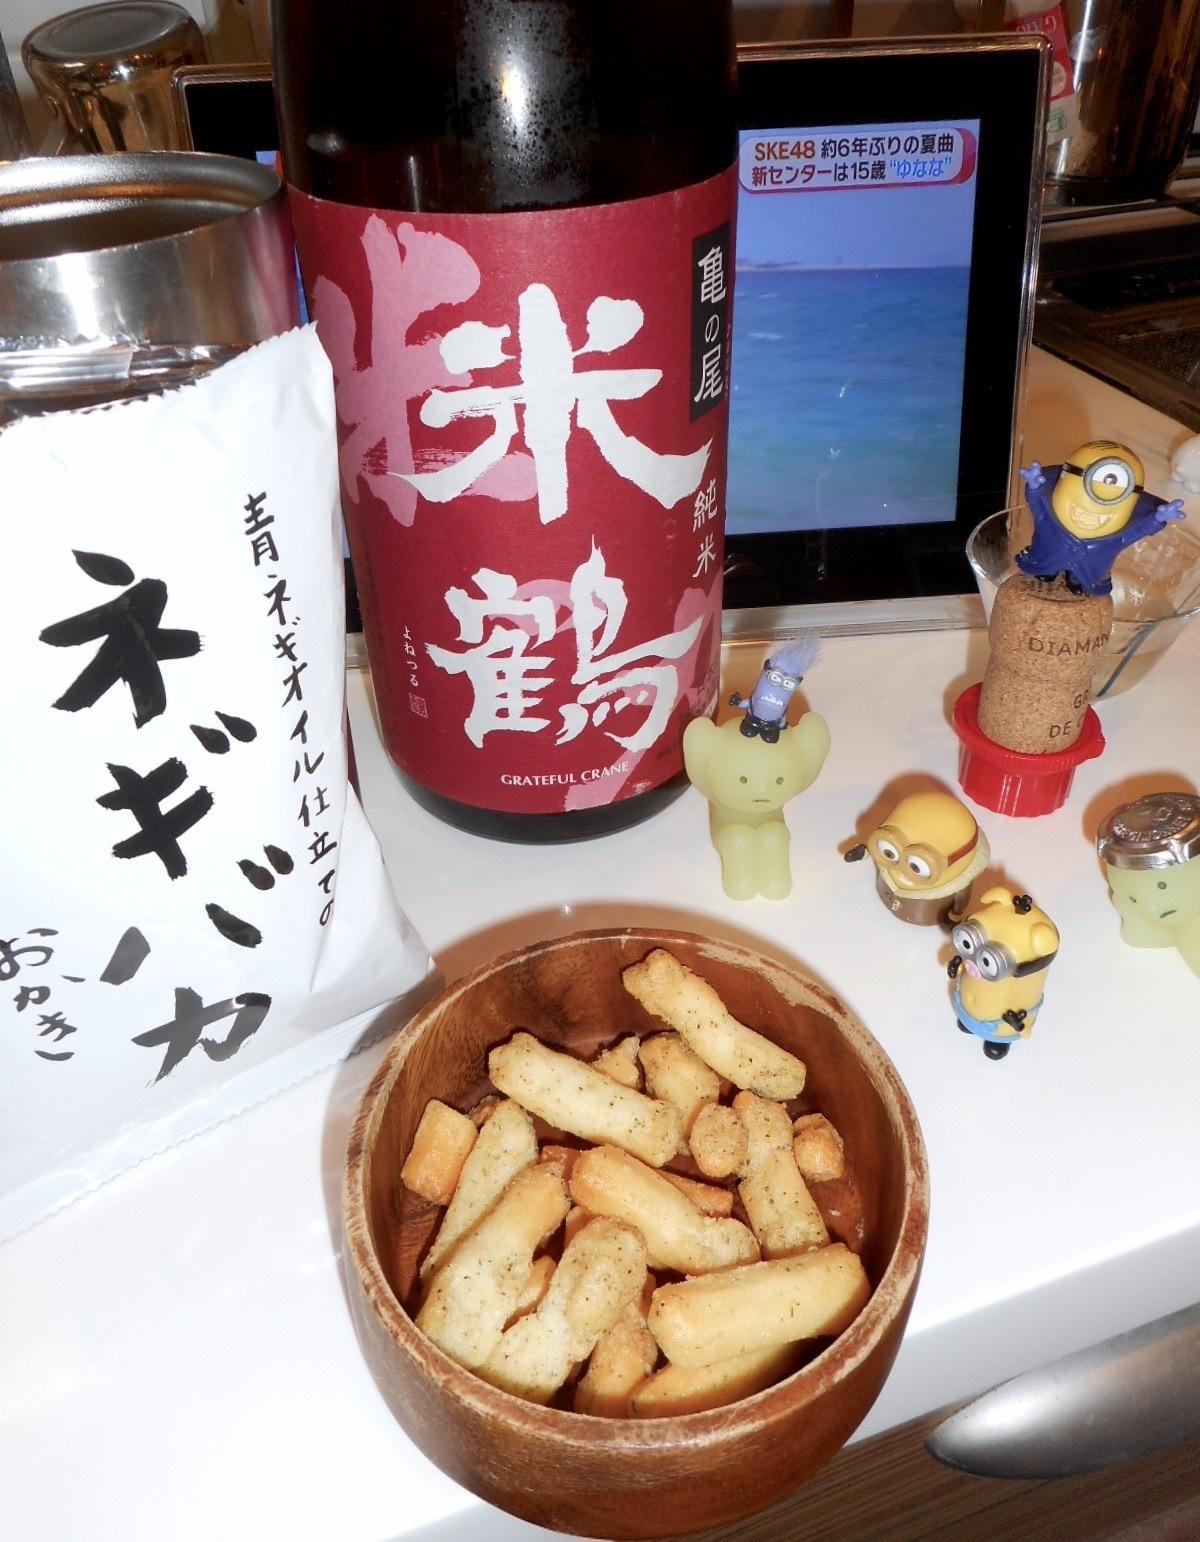 yonetsuru_kamenoo65nama_28by15.jpg